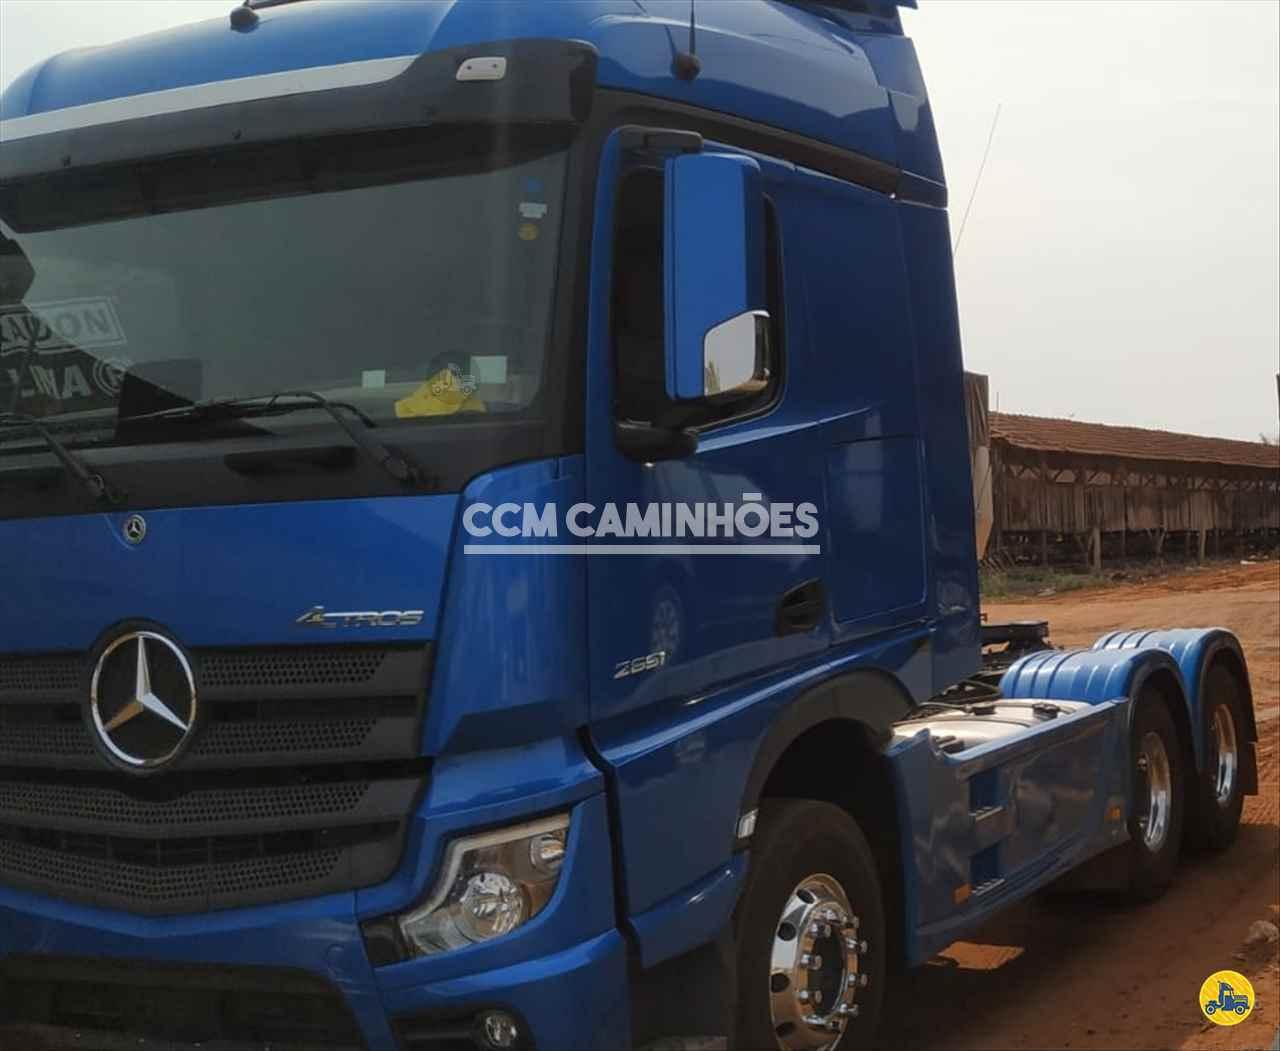 CAMINHAO MERCEDES-BENZ MB 2651 Cavalo Mecânico Traçado 6x4 CCM Caminhões GOIANIA GOIAS GO